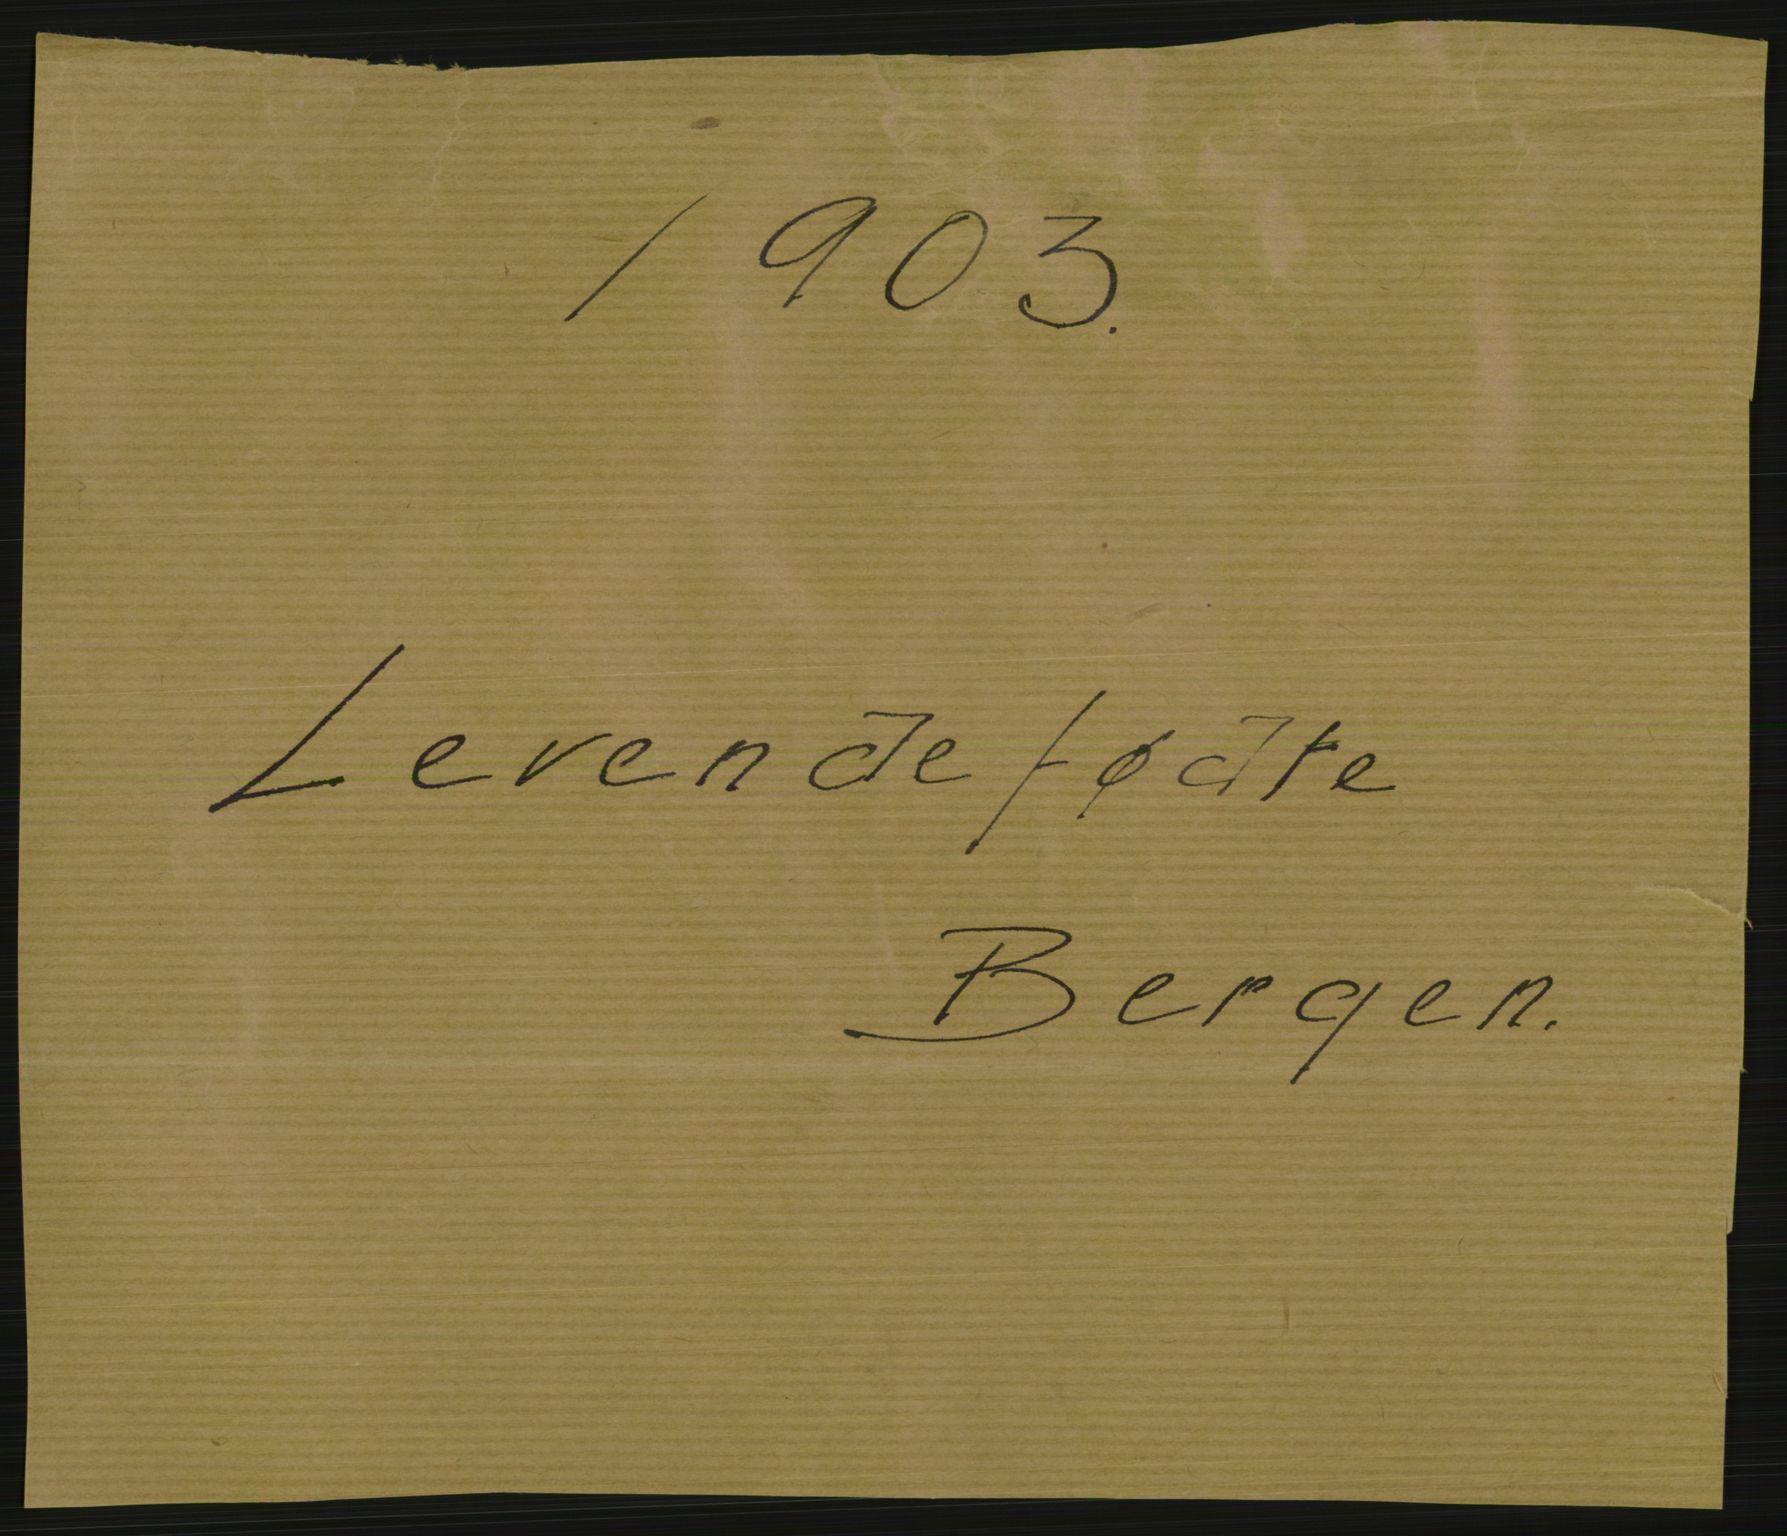 RA, Statistisk sentralbyrå, Sosiodemografiske emner, Befolkning, D/Df/Dfa/Dfaa/L0014: Bergen: Fødte, gifte, døde, 1903, s. 1